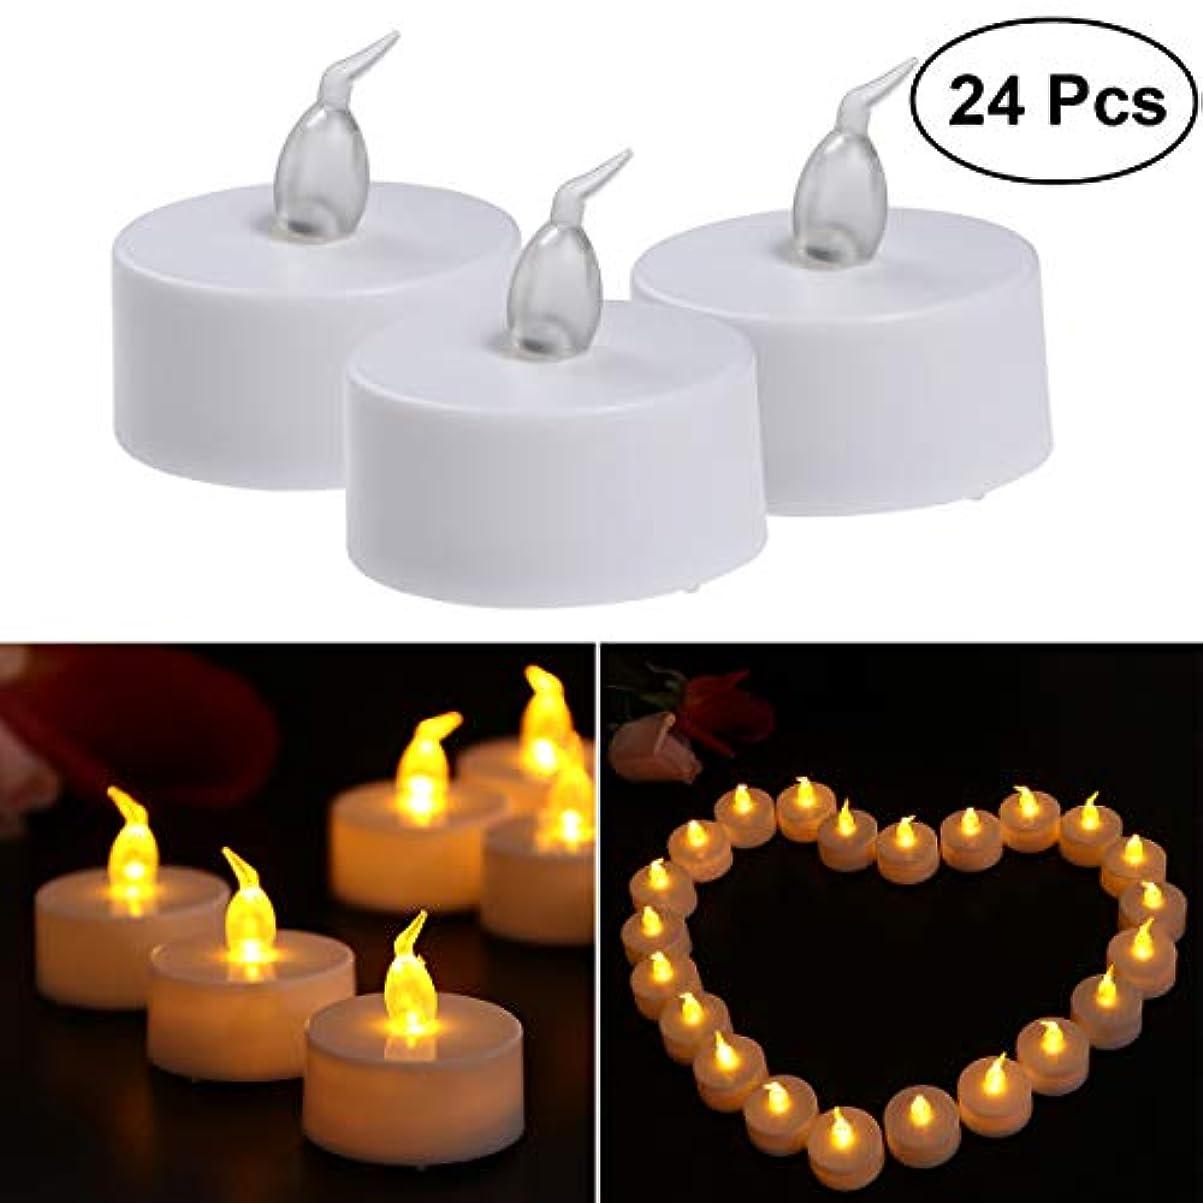 大邸宅統計マイクロプロセッサVosarea キャンドル ライト LED キャンドルを点灯 電池で動作 プラスチック 誕生日 祭り 祝賀 3.8×4.2cm 24ピース(黄色のフラッシュライト)